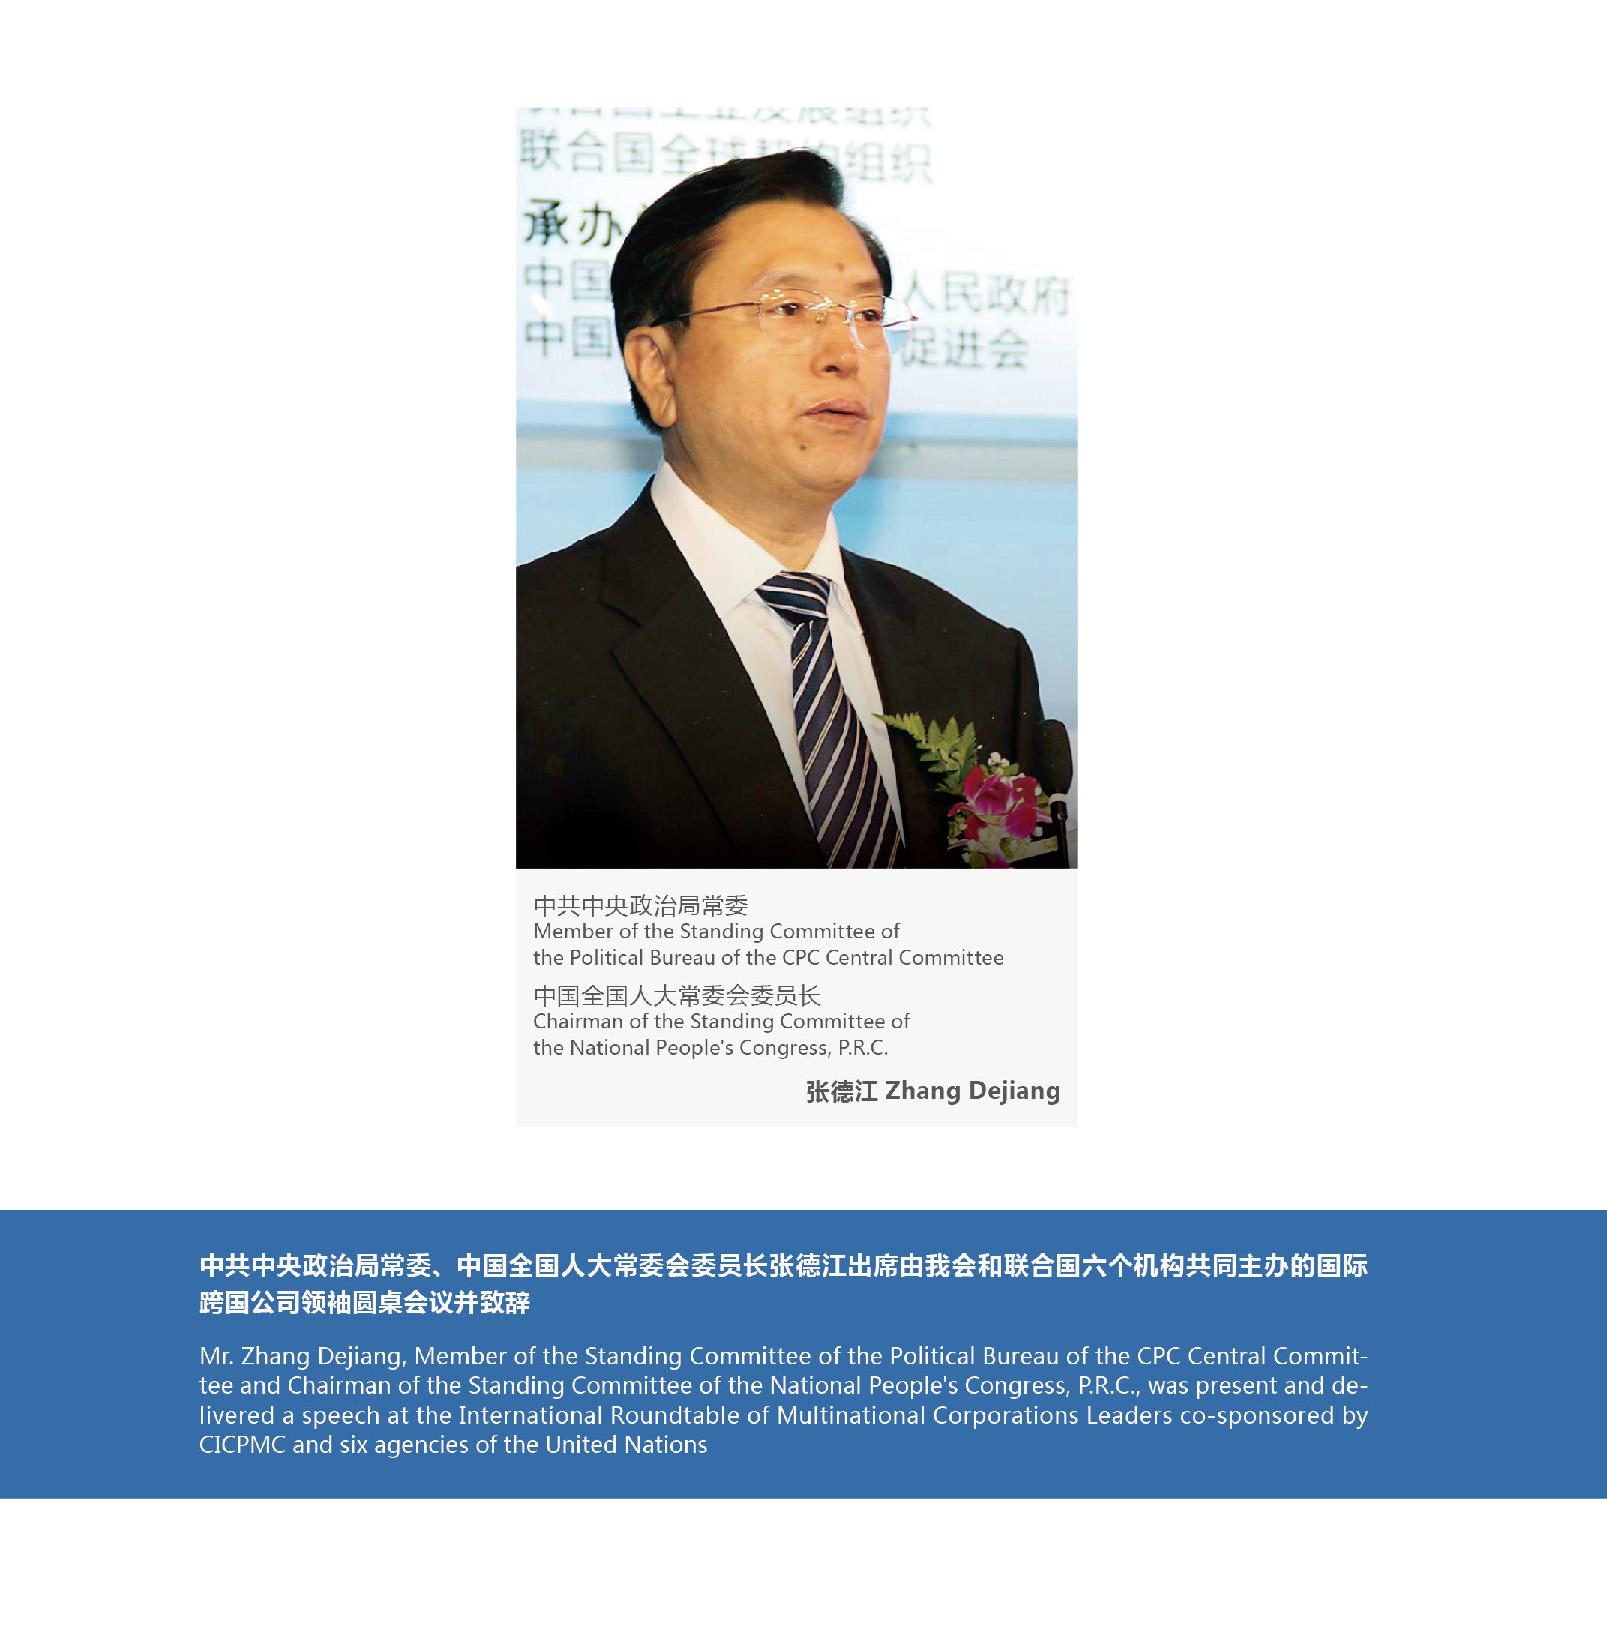 中共中央政治局常委、中国全国人大常委会委员长张德江出席由我会和联合国六个机构共同主办的国际跨国公司领袖圆桌会议并致辞